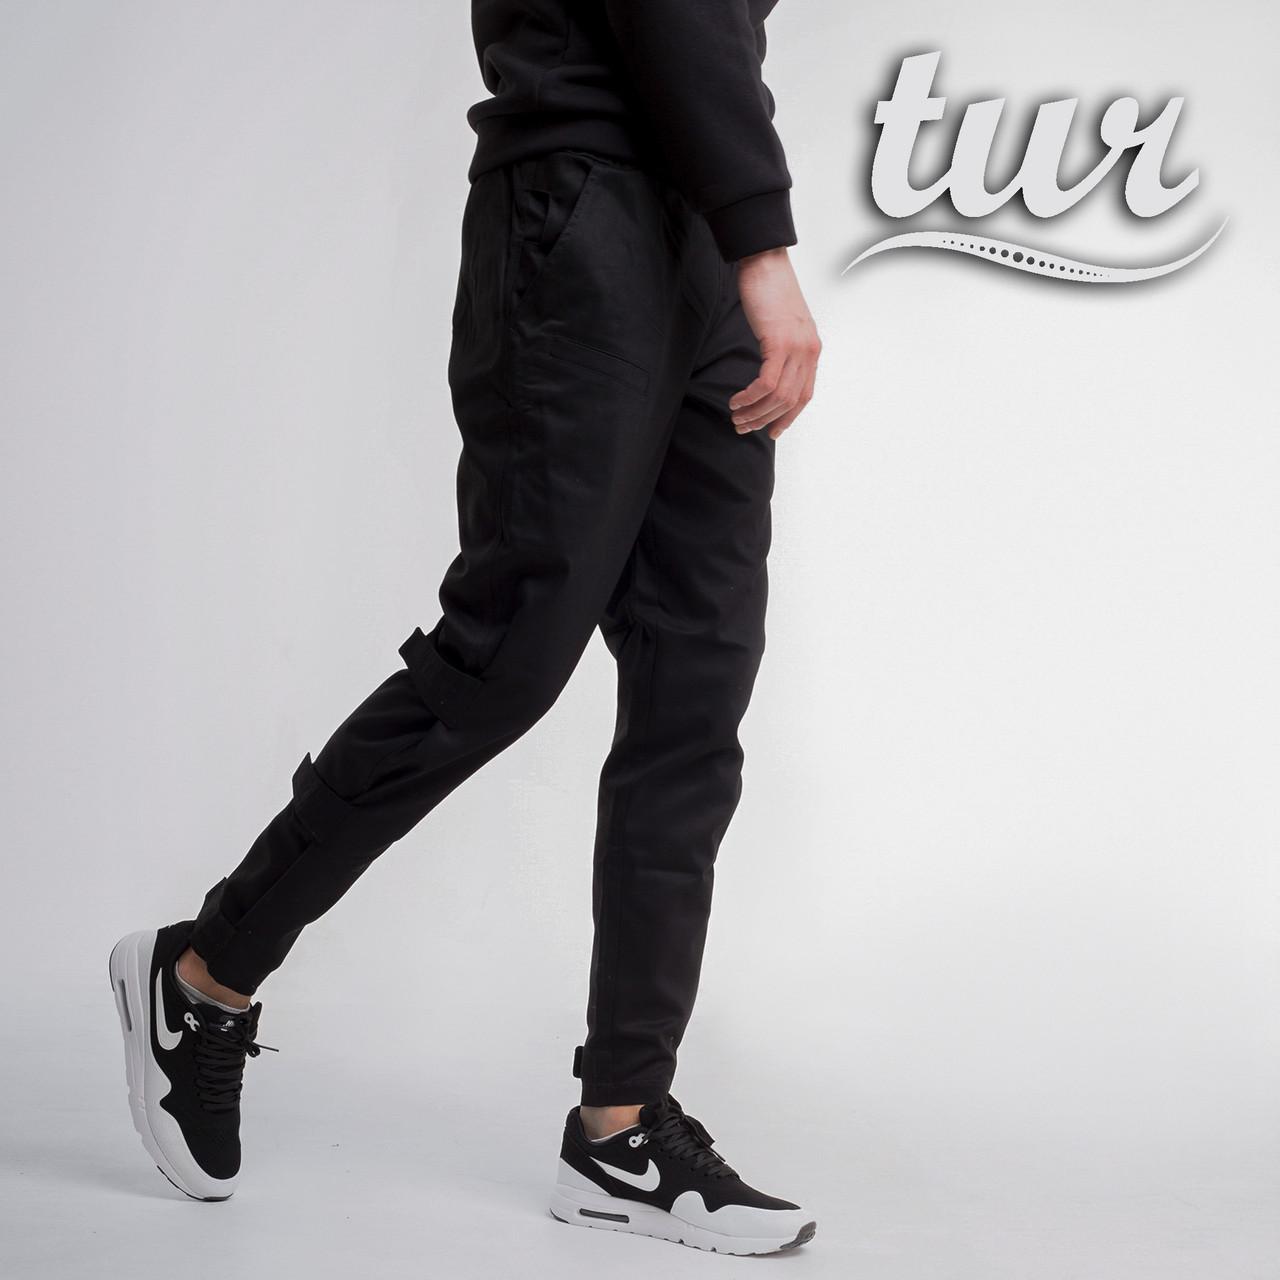 Карго штаны мужские черные от бренда ТУР модель Веном (Venom). Размер S, M, L, XL, XXL